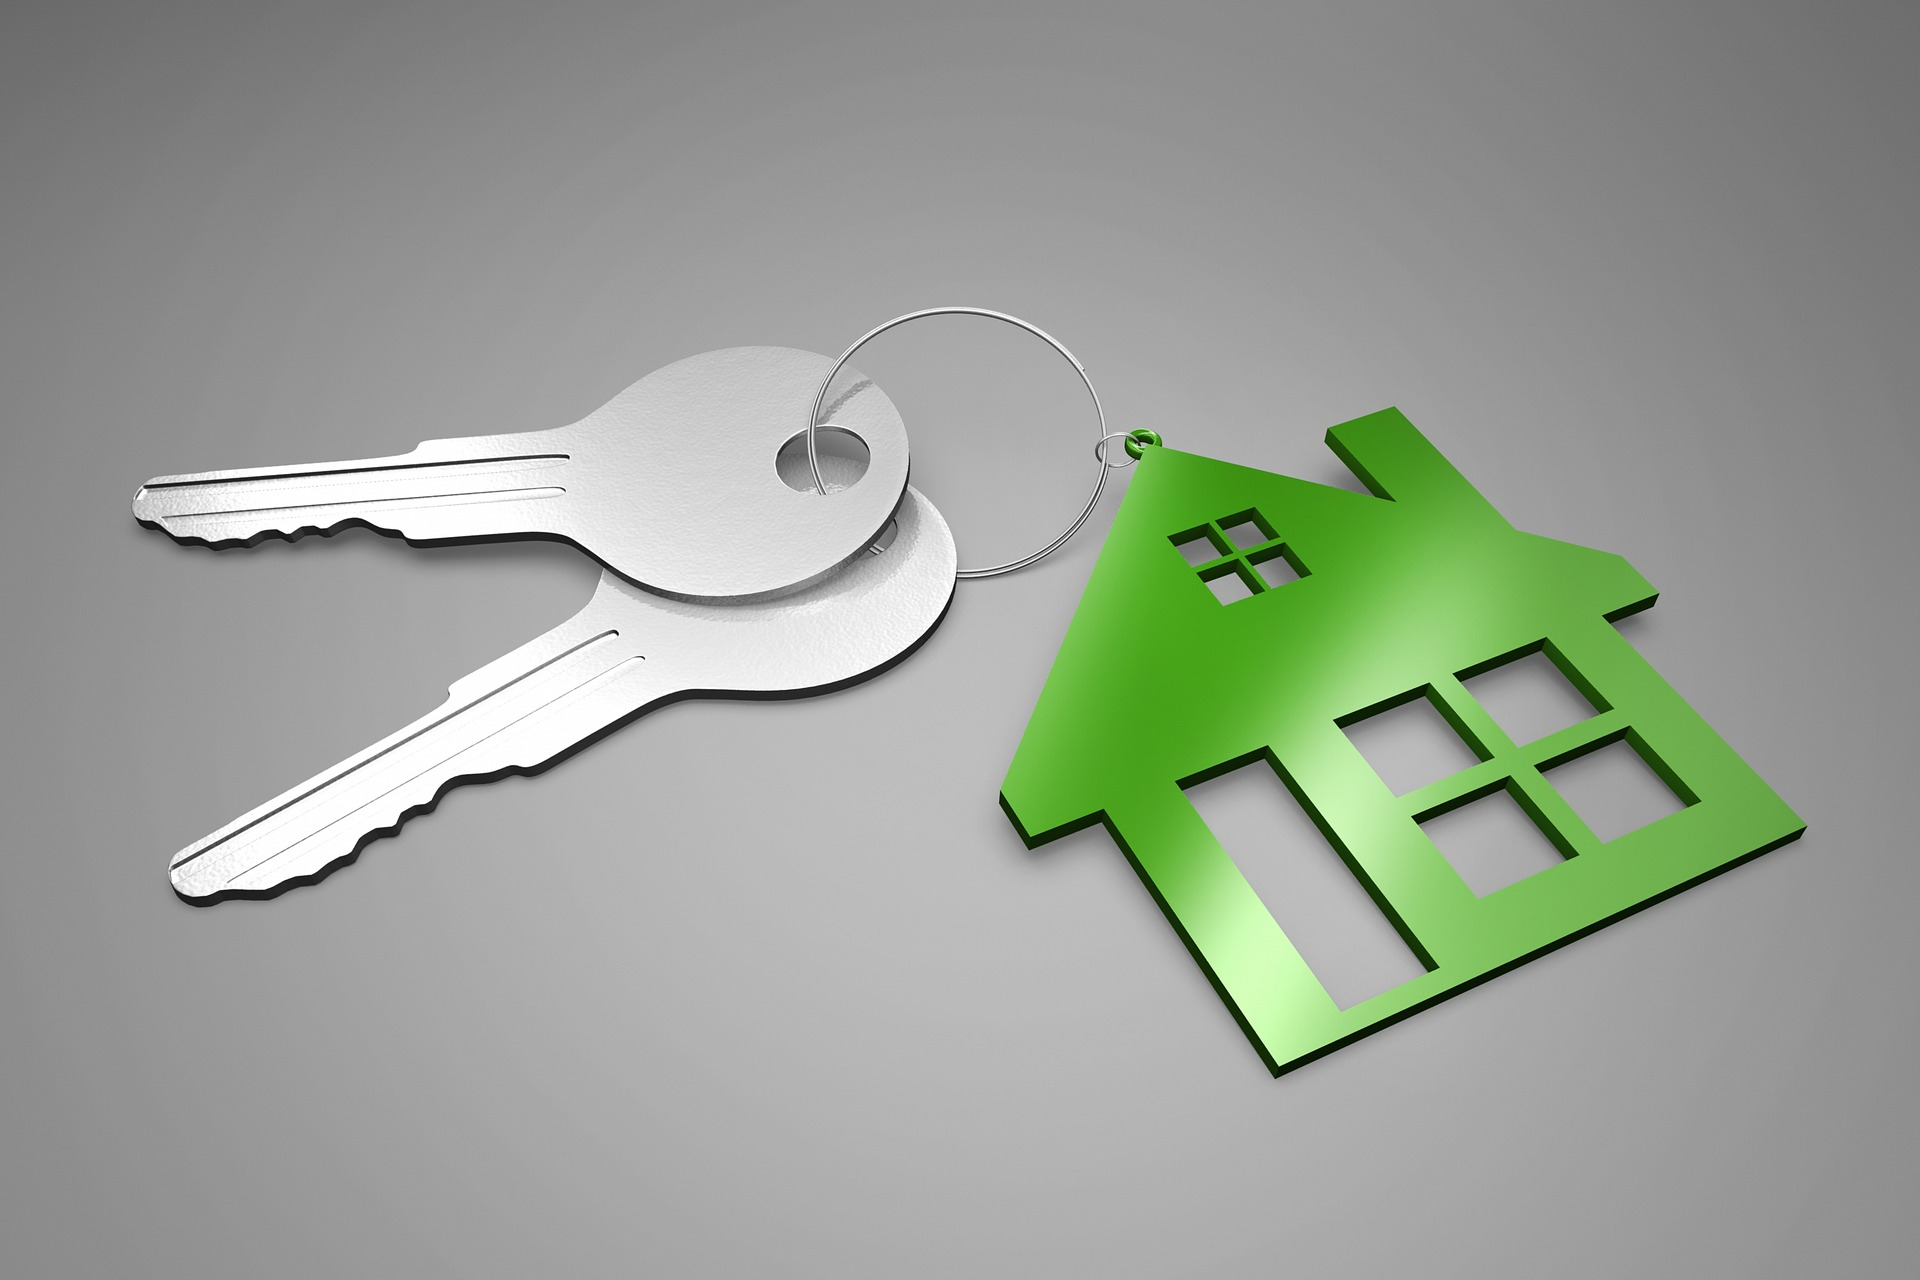 Comprare una casa all'asta con mutuo: tutto quello che bisogna sapere